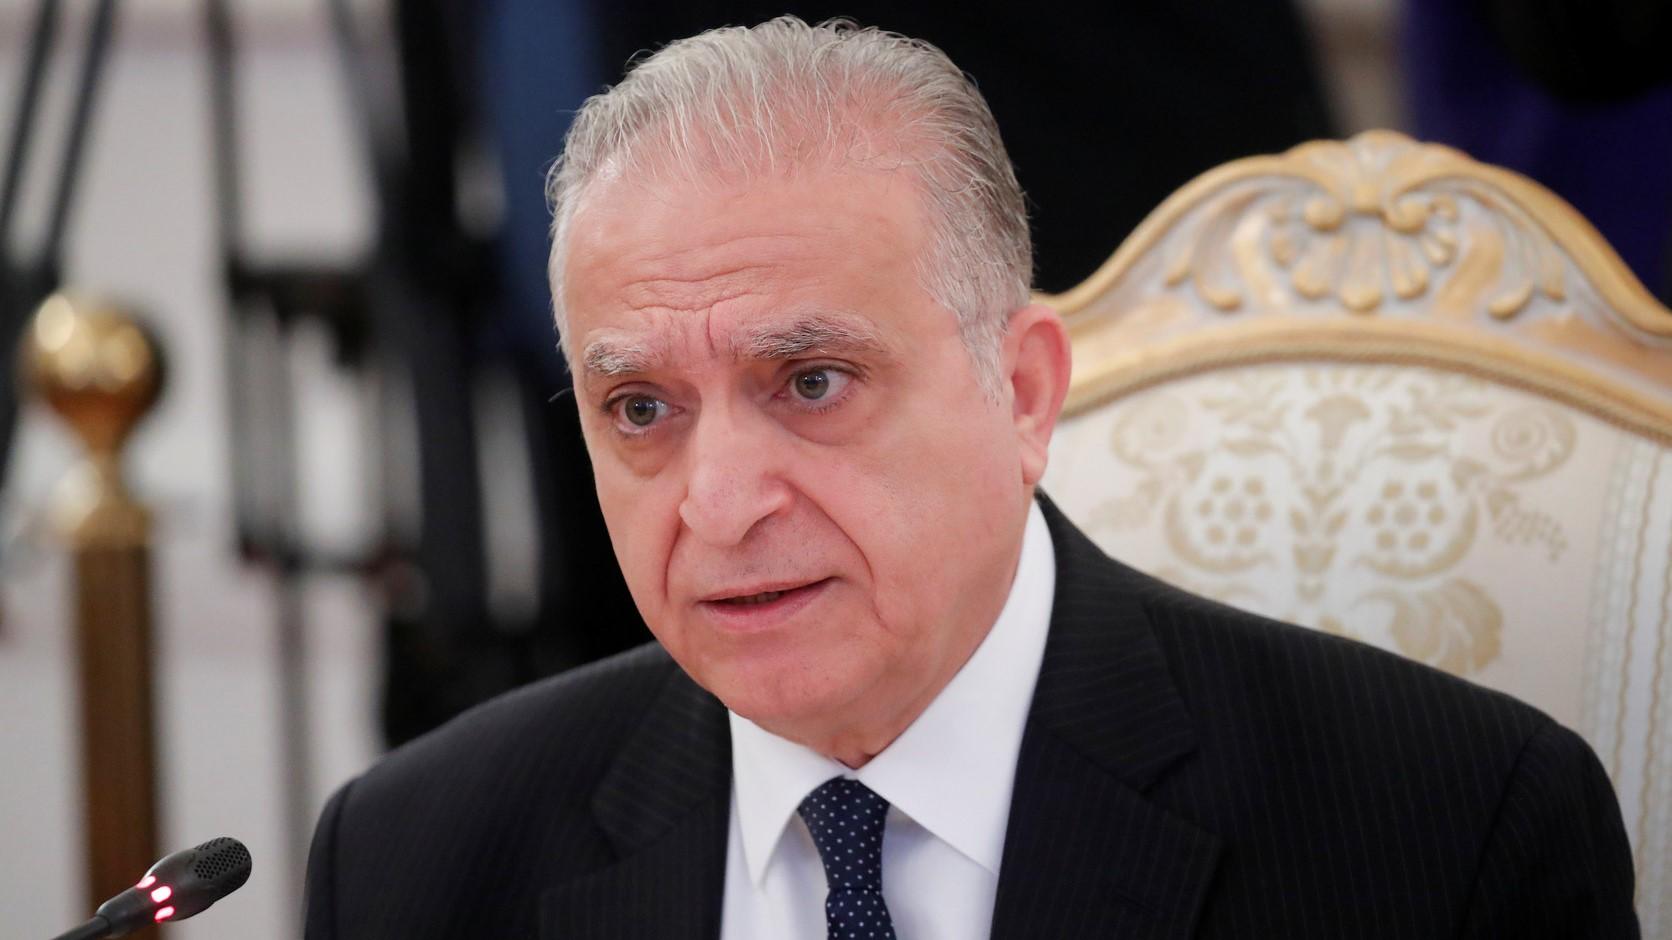 صادقون تهاجم الخارجية: لم تتحرك تجاه انتهاك السيادة العراقية